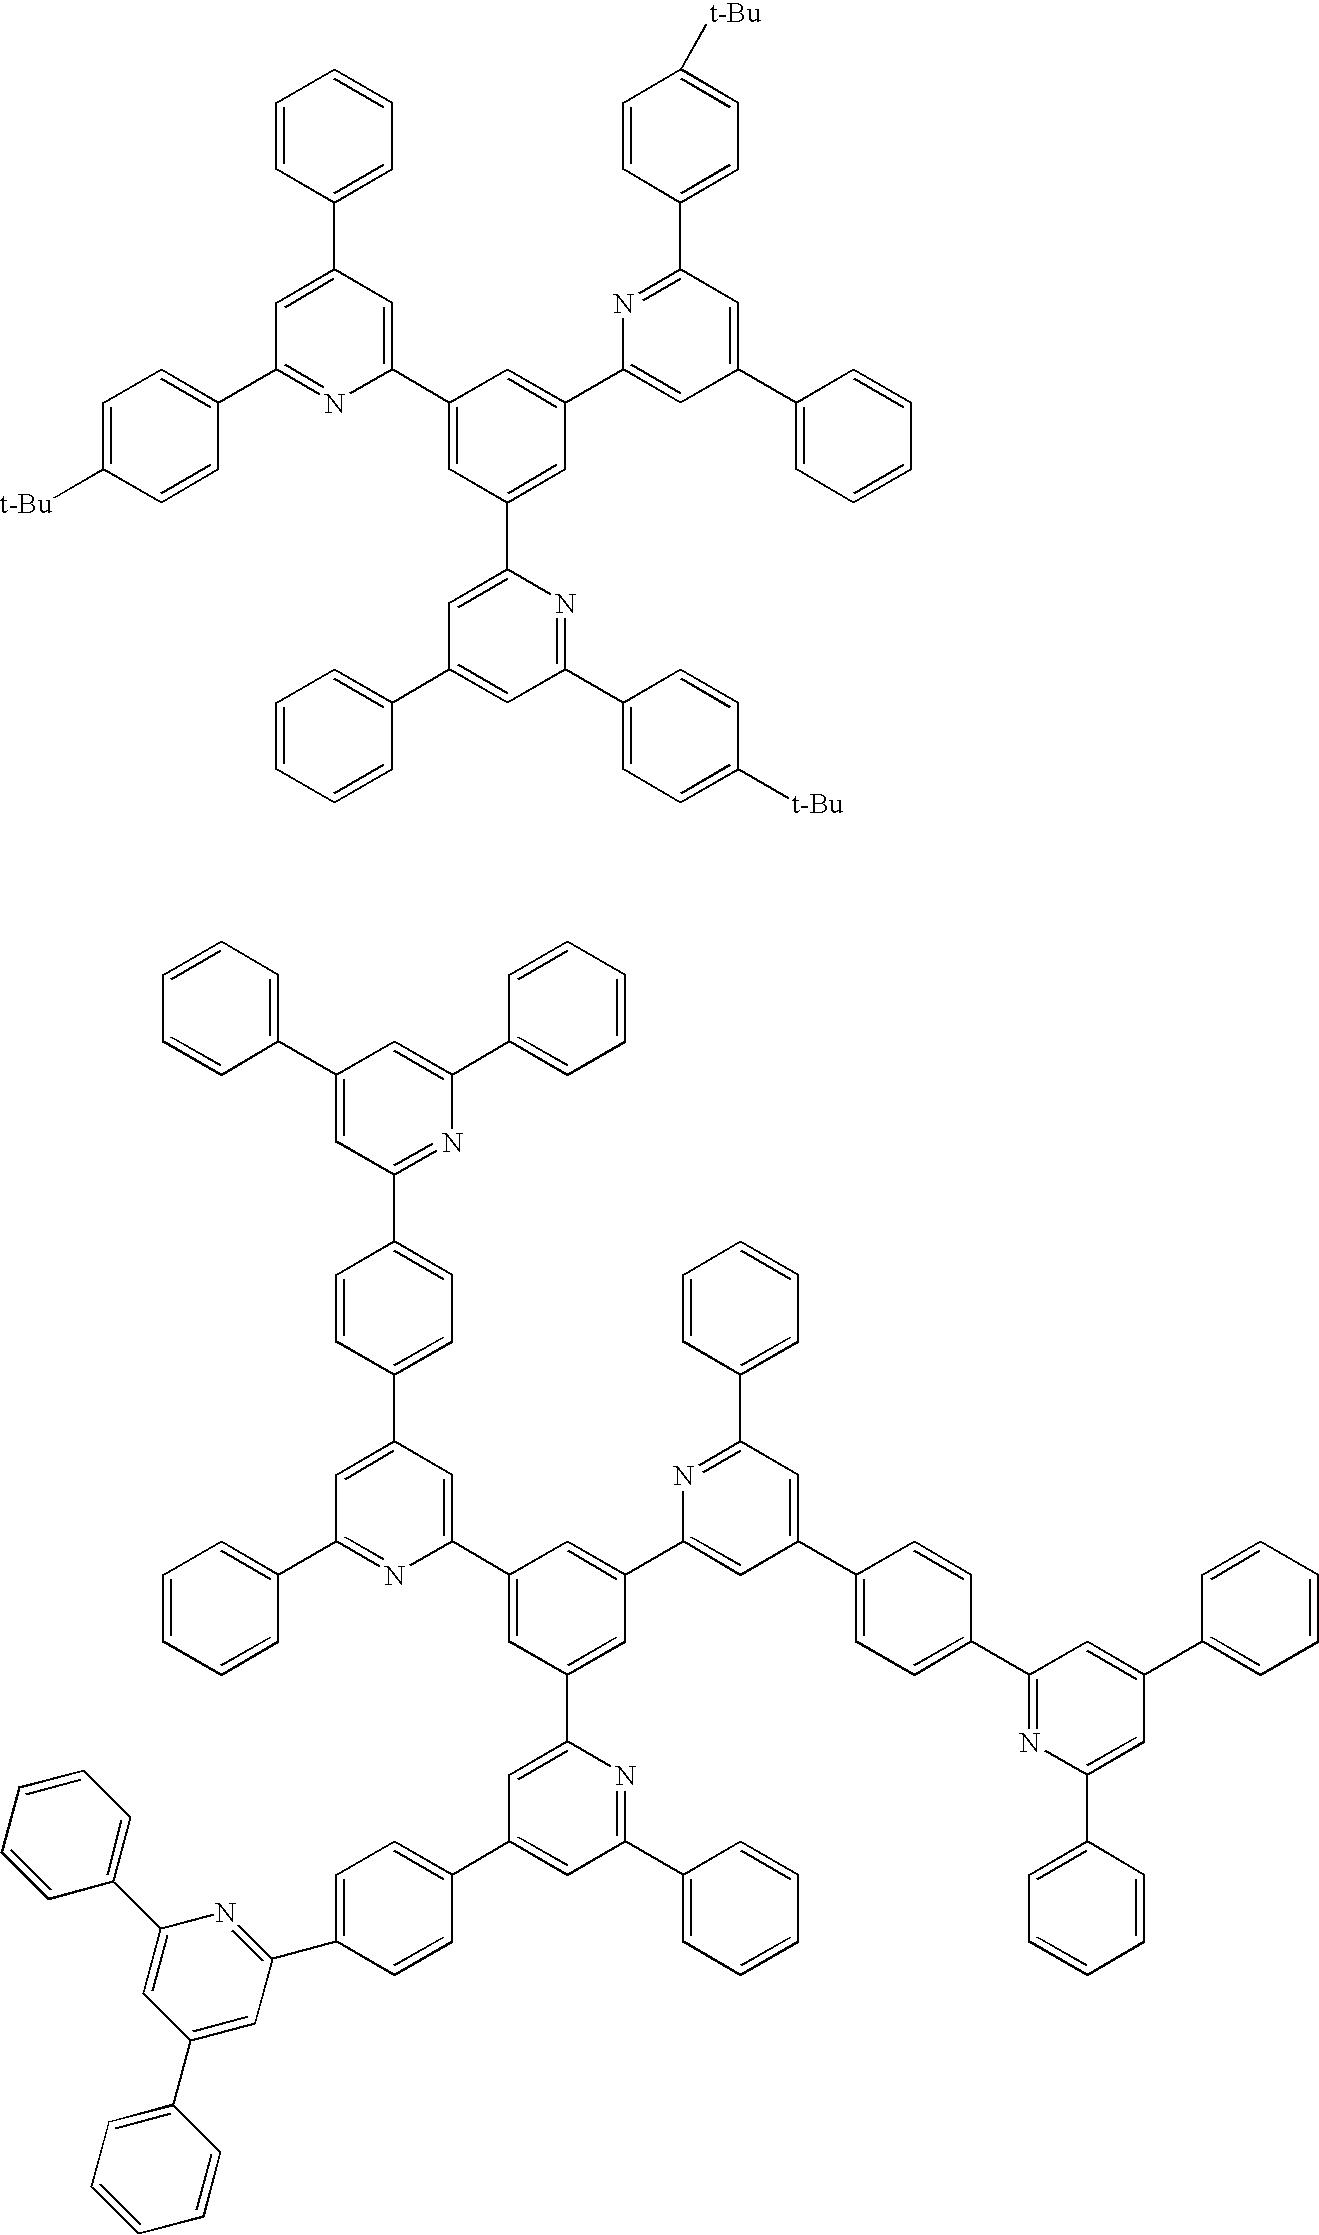 Figure US20060186796A1-20060824-C00119